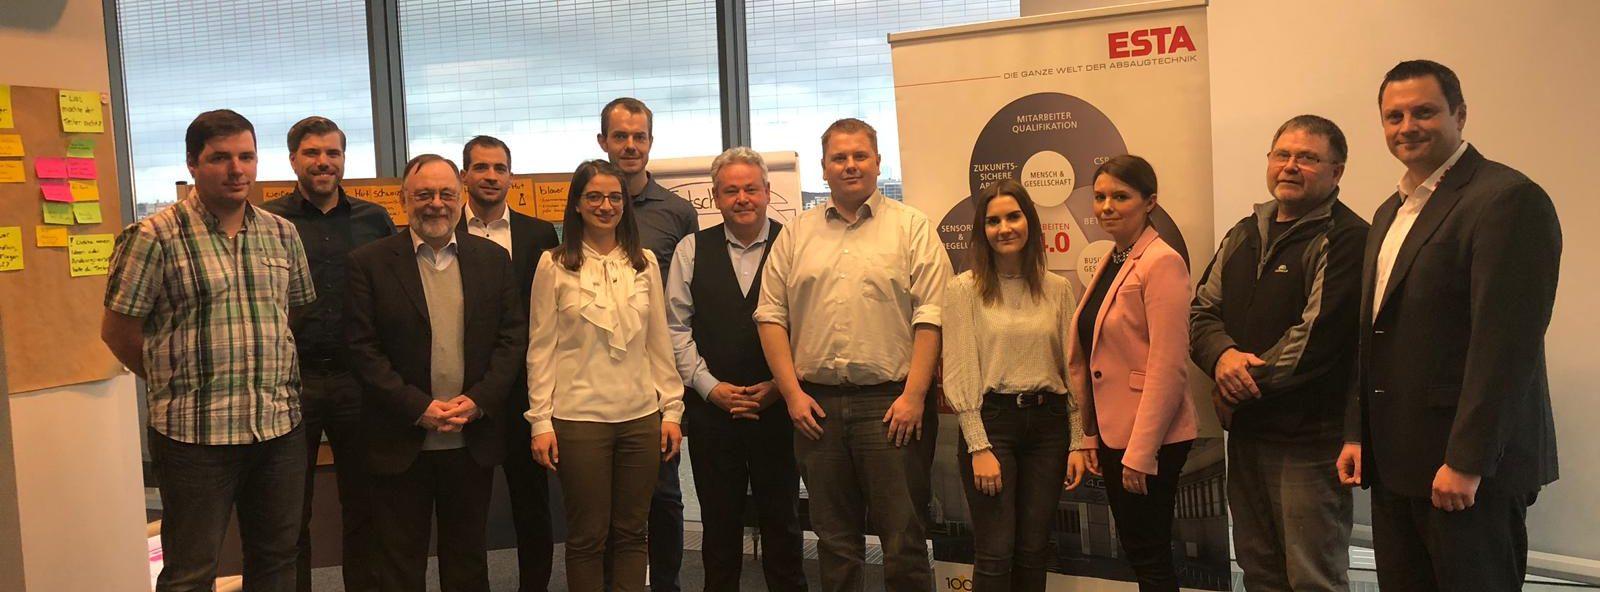 Ein Team von Experten des Fraunhofer IPA, der Universität Stuttgart und ESTA entwickelte mit Design Thinking frugale Lösungen für Absauganlagen